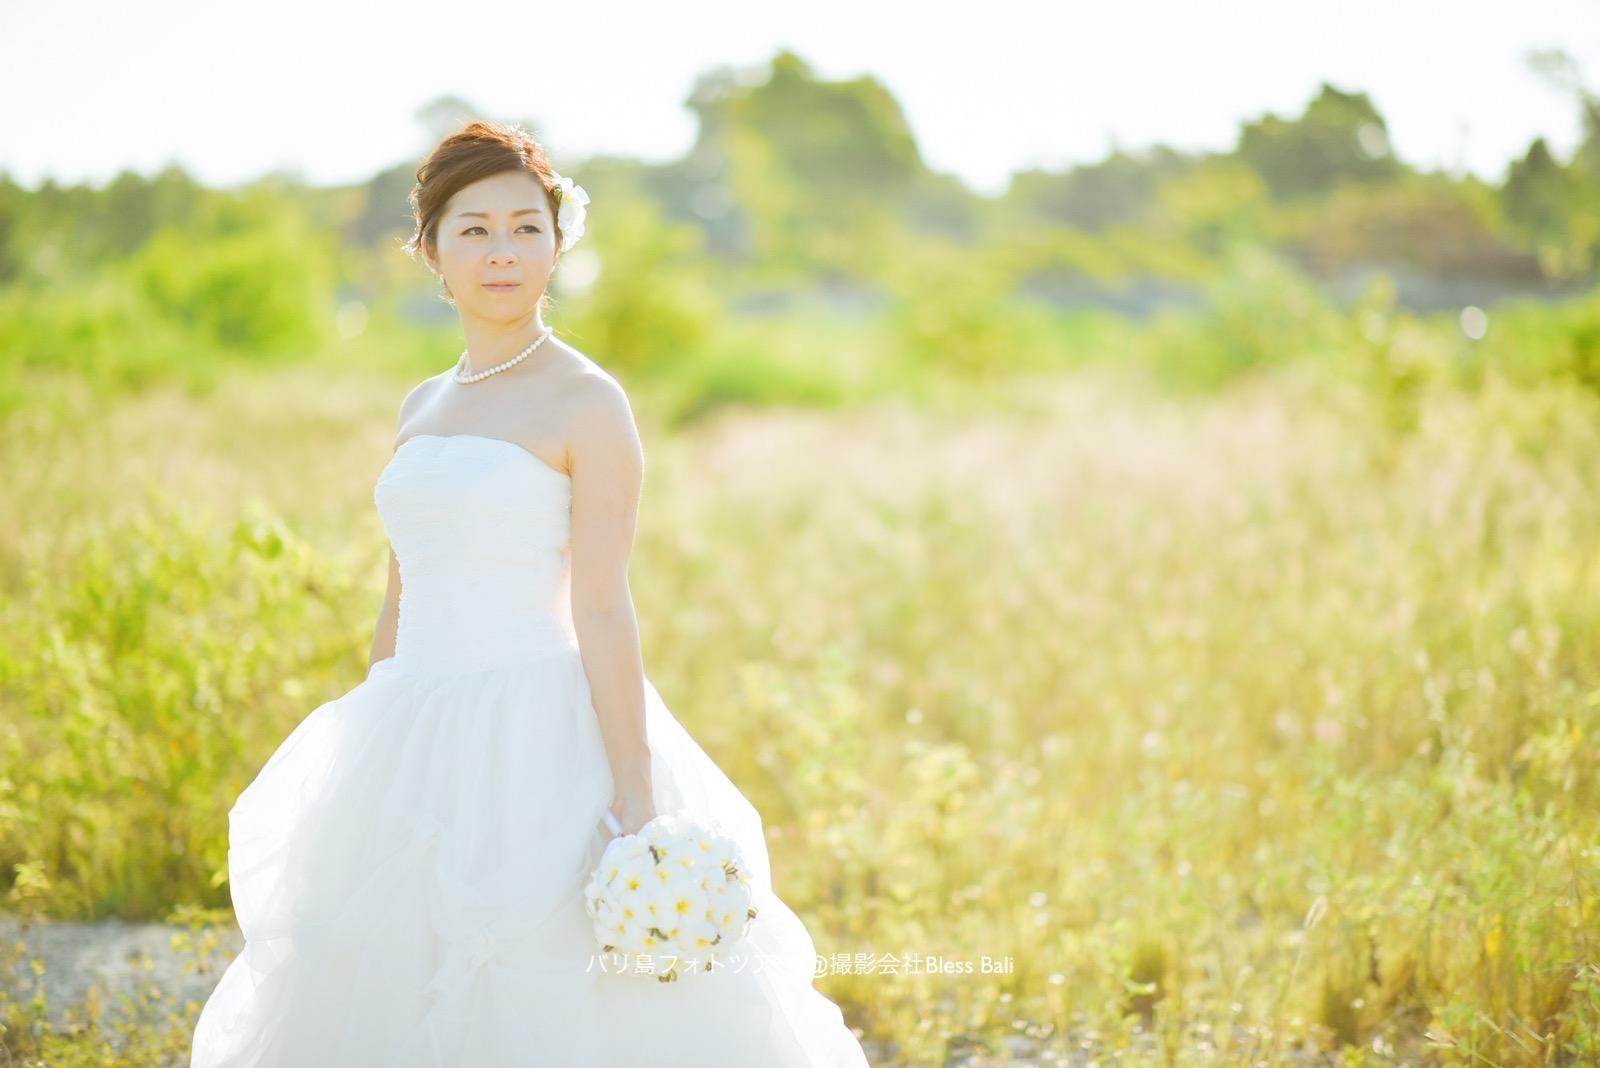 自然の中に佇む花嫁様をナチュラルな雰囲気で撮影